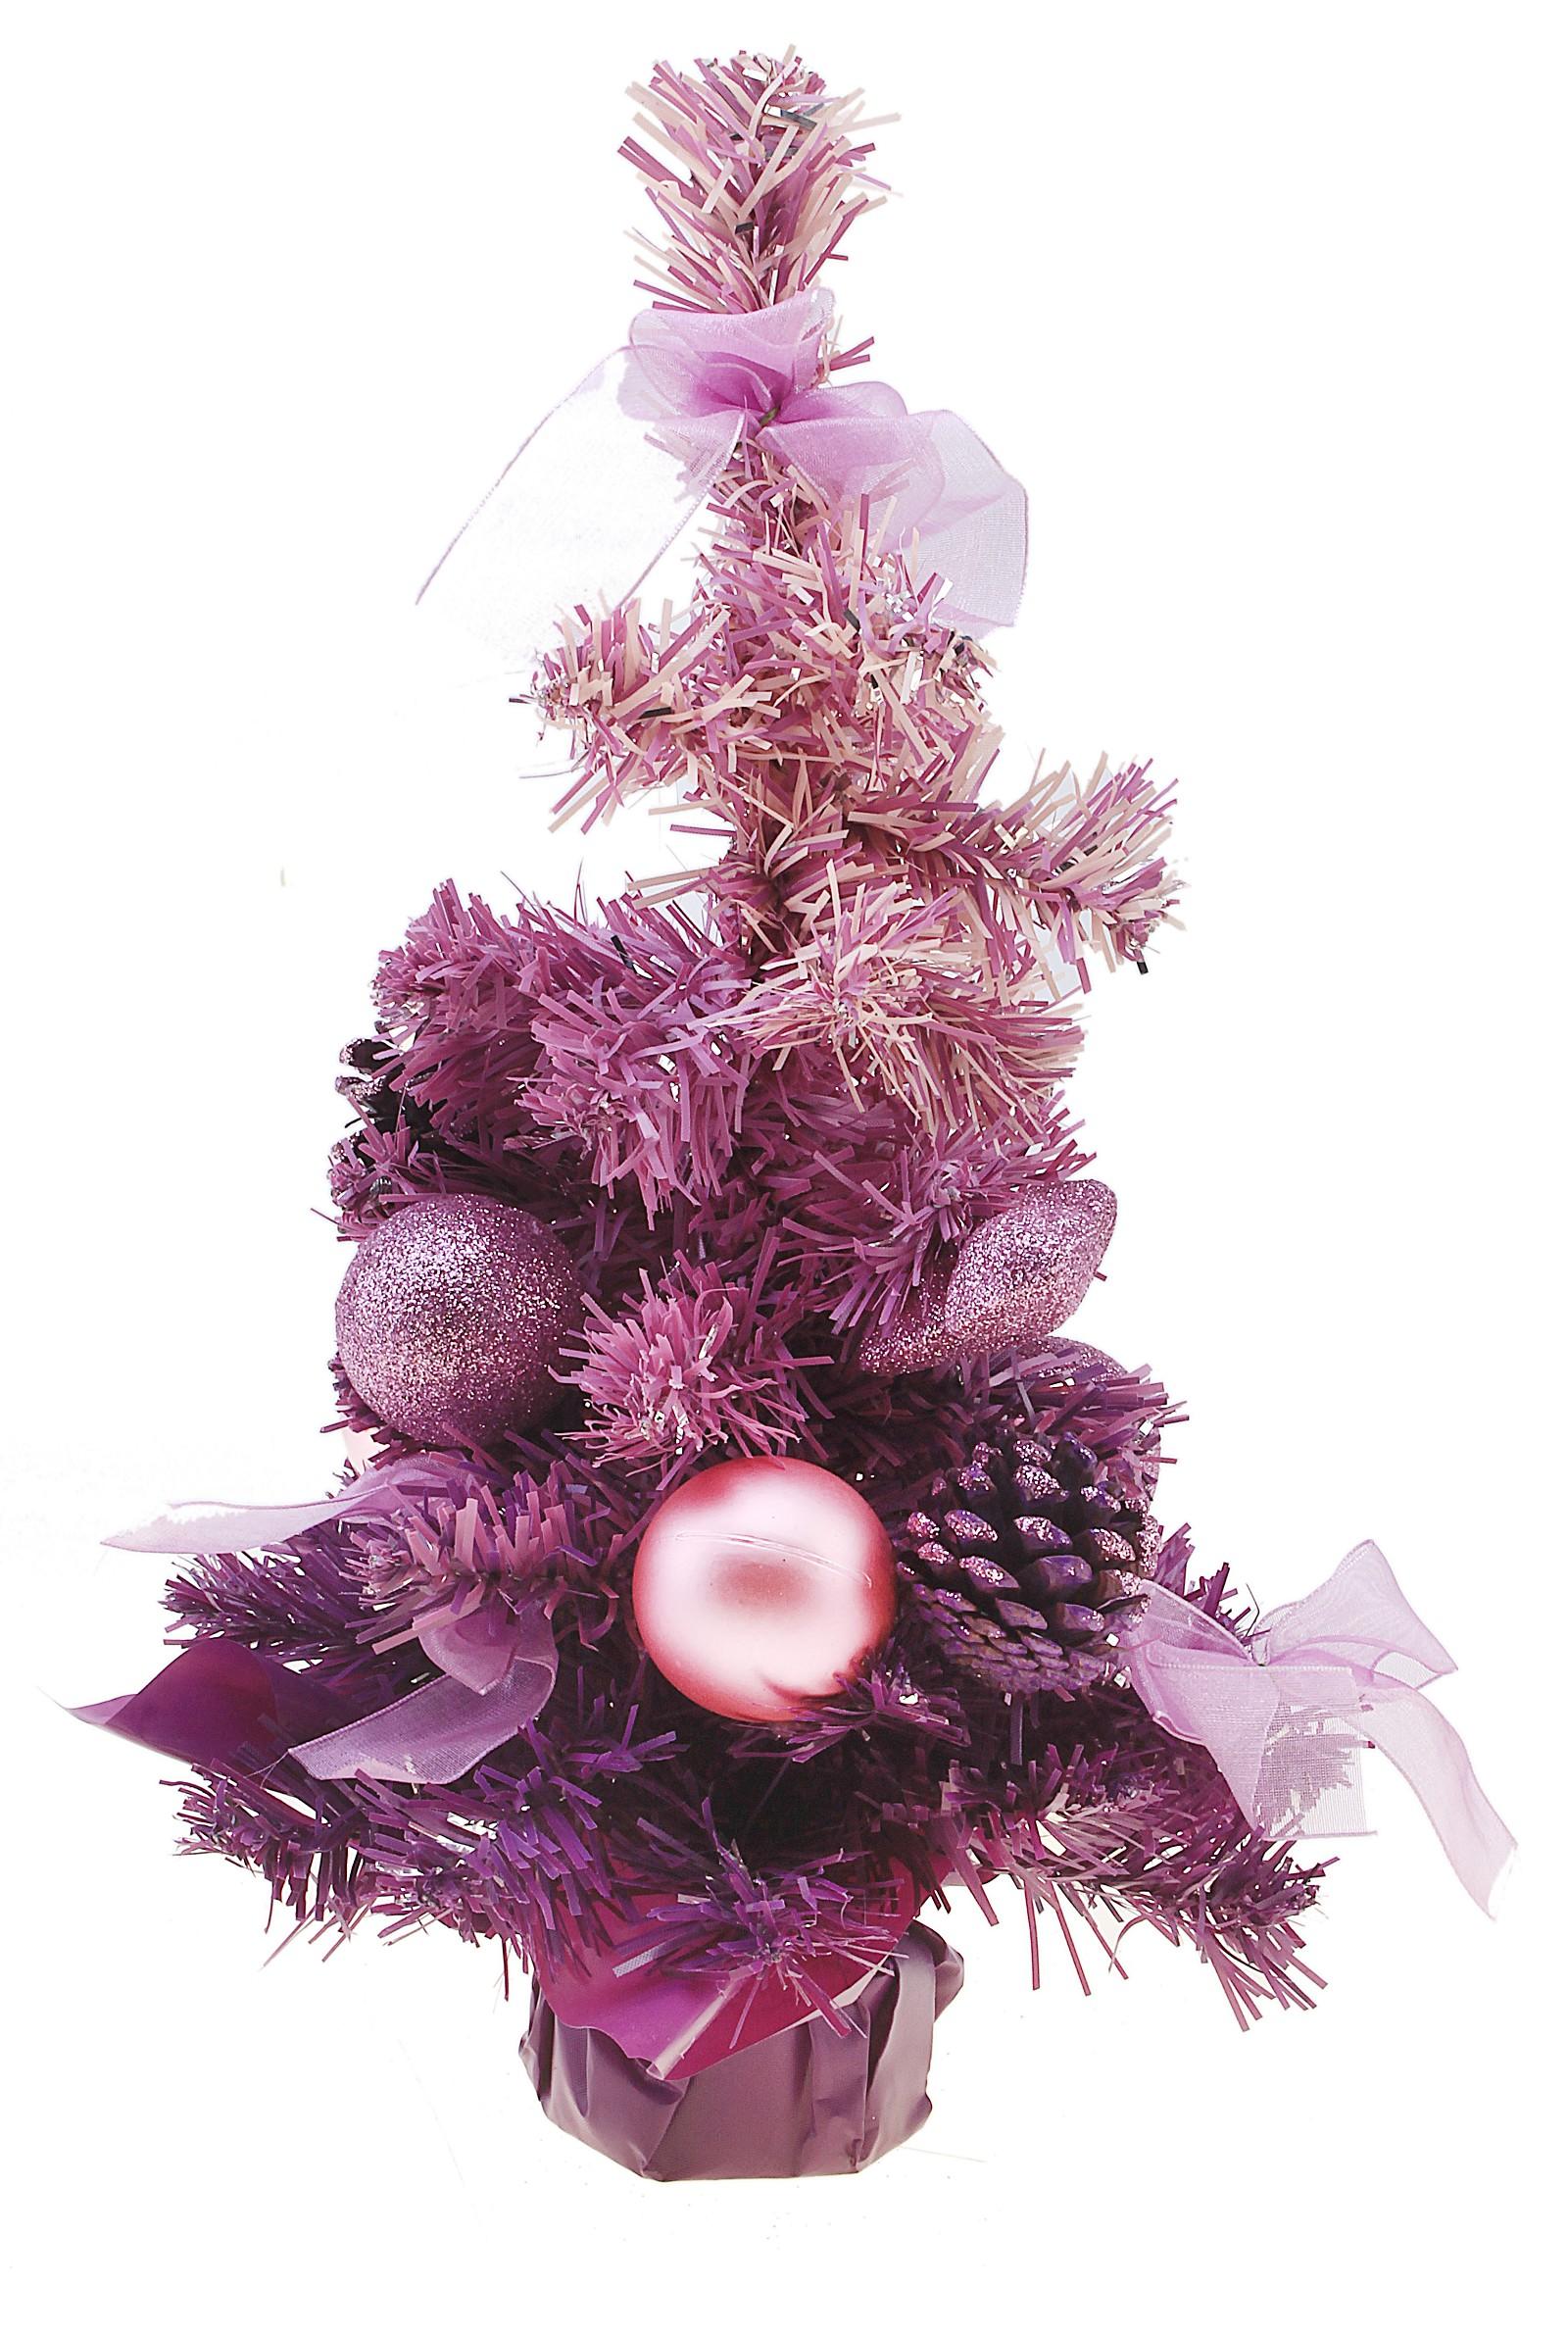 Декоративное украшение Новогодняя елочка, цвет: фиолетовый, высота 31 см. 542621542621Декоративное украшение, выполненное из пластика - мини-елочка фиолетового цвета для оформления интерьера к Новому году. Ее не нужно ни собирать, ни наряжать, зато настроение праздника она создает очень быстро. Елка украшена шишками, лентами, елочными игрушками и шариками. Елка украсит интерьер вашего дома или офиса к Новому году и создаст теплую и уютную атмосферу праздника. Откройте для себя удивительный мир сказок и грез. Почувствуйте волшебные минуты ожидания праздника, создайте новогоднее настроение вашим дорогим и близким.